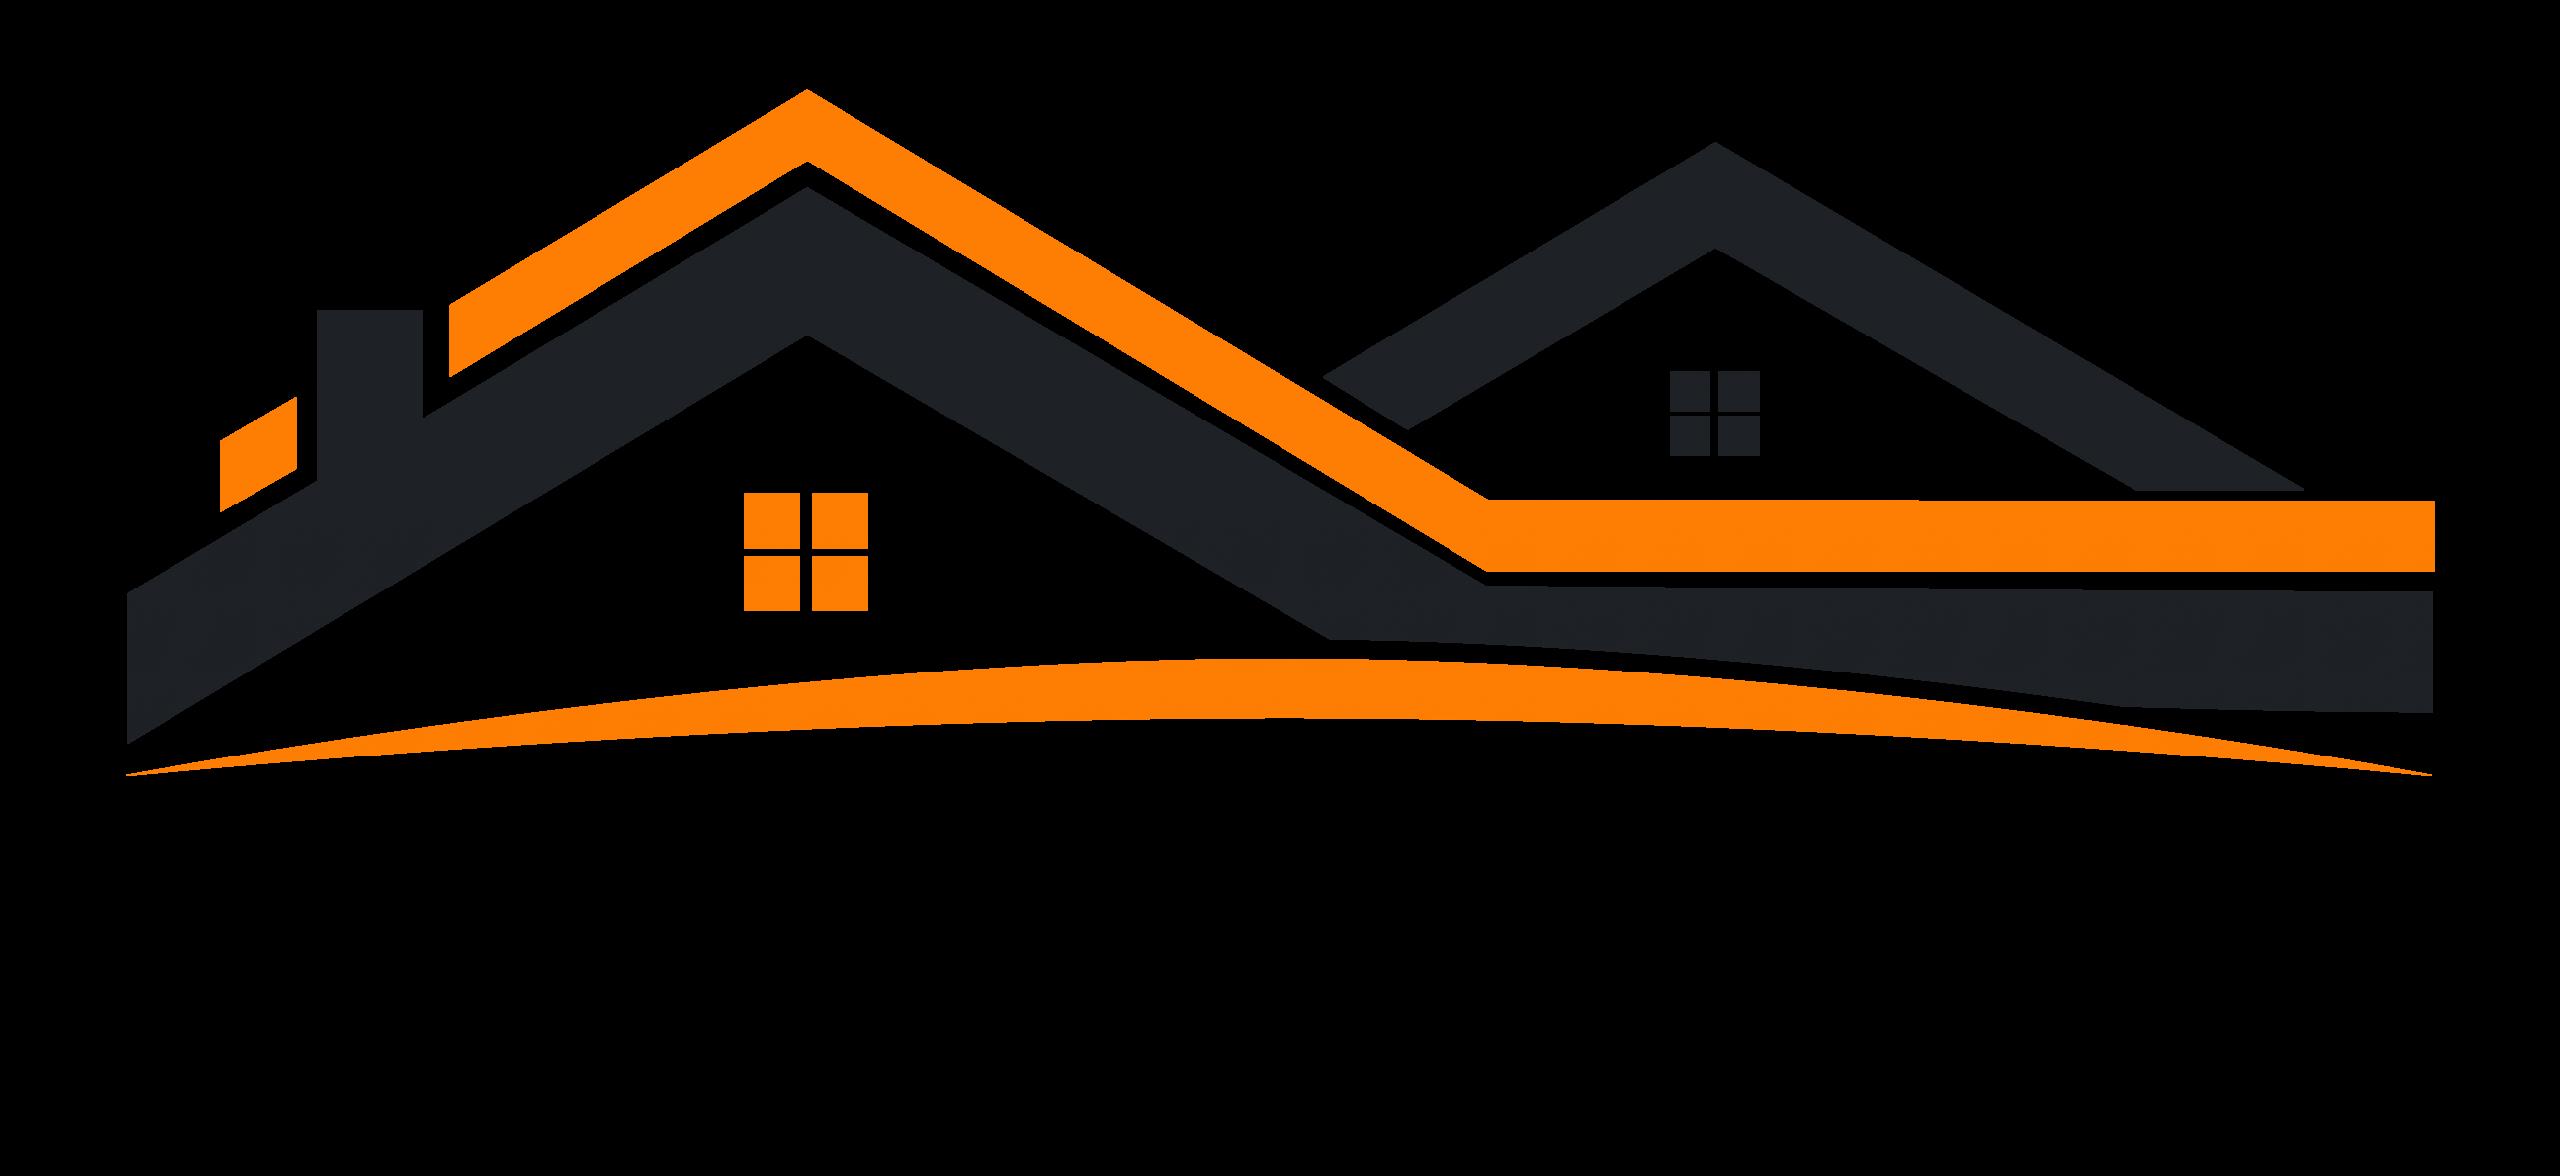 icone logo Habillage Toiture